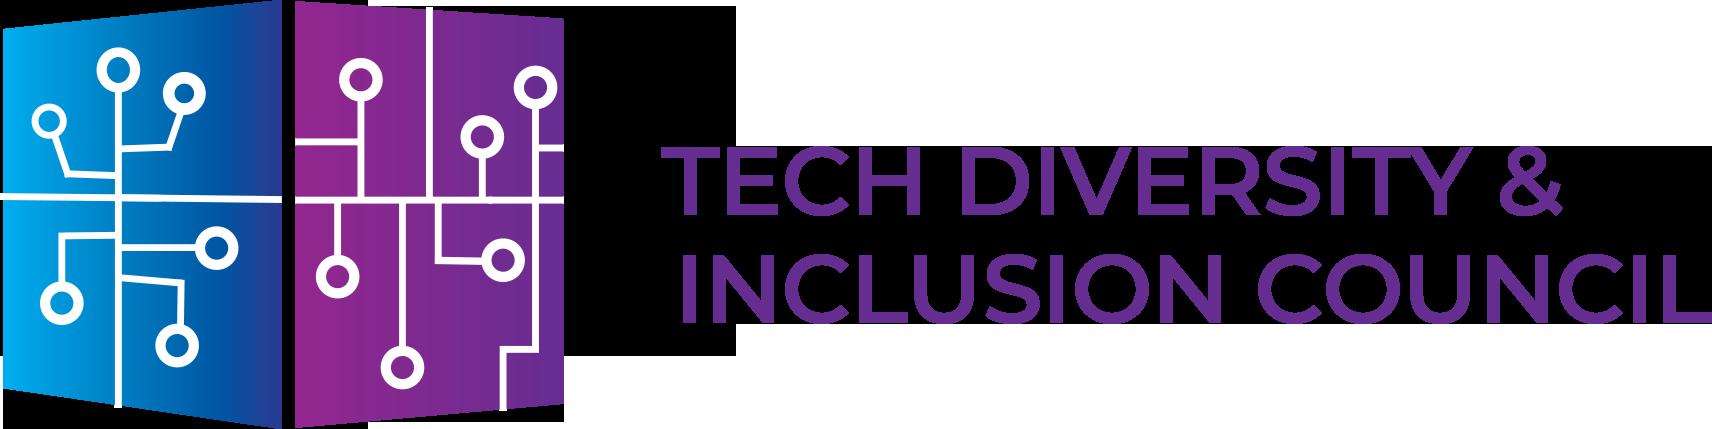 Tech Diversity & Inclusion Council